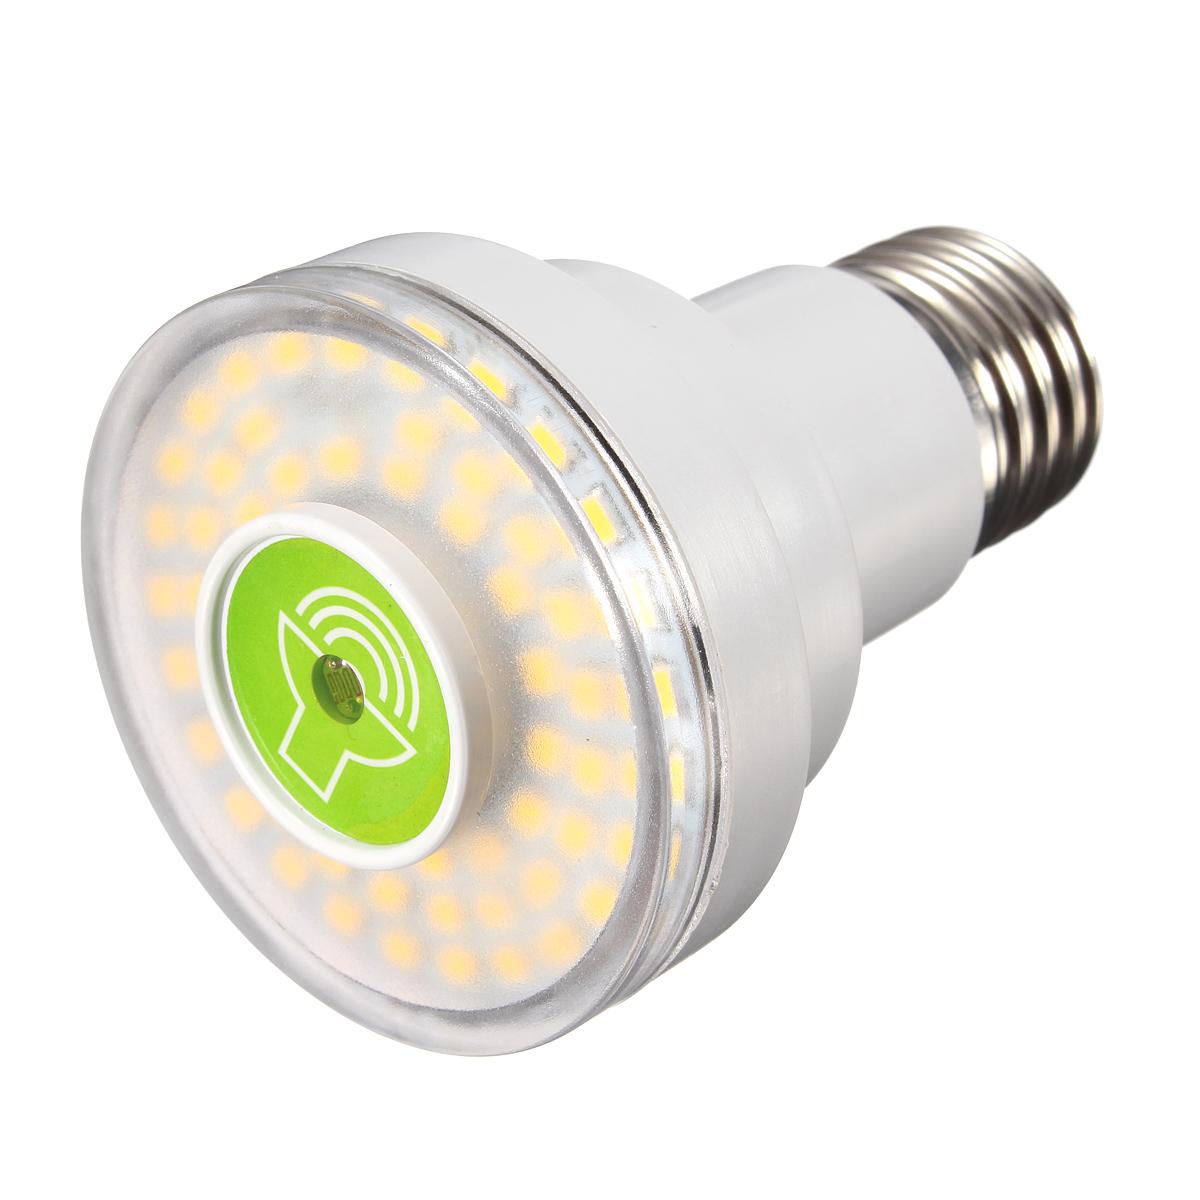 E27 LED Lampe Ampoule Spotlight Capteur Controle SON Lumière PR